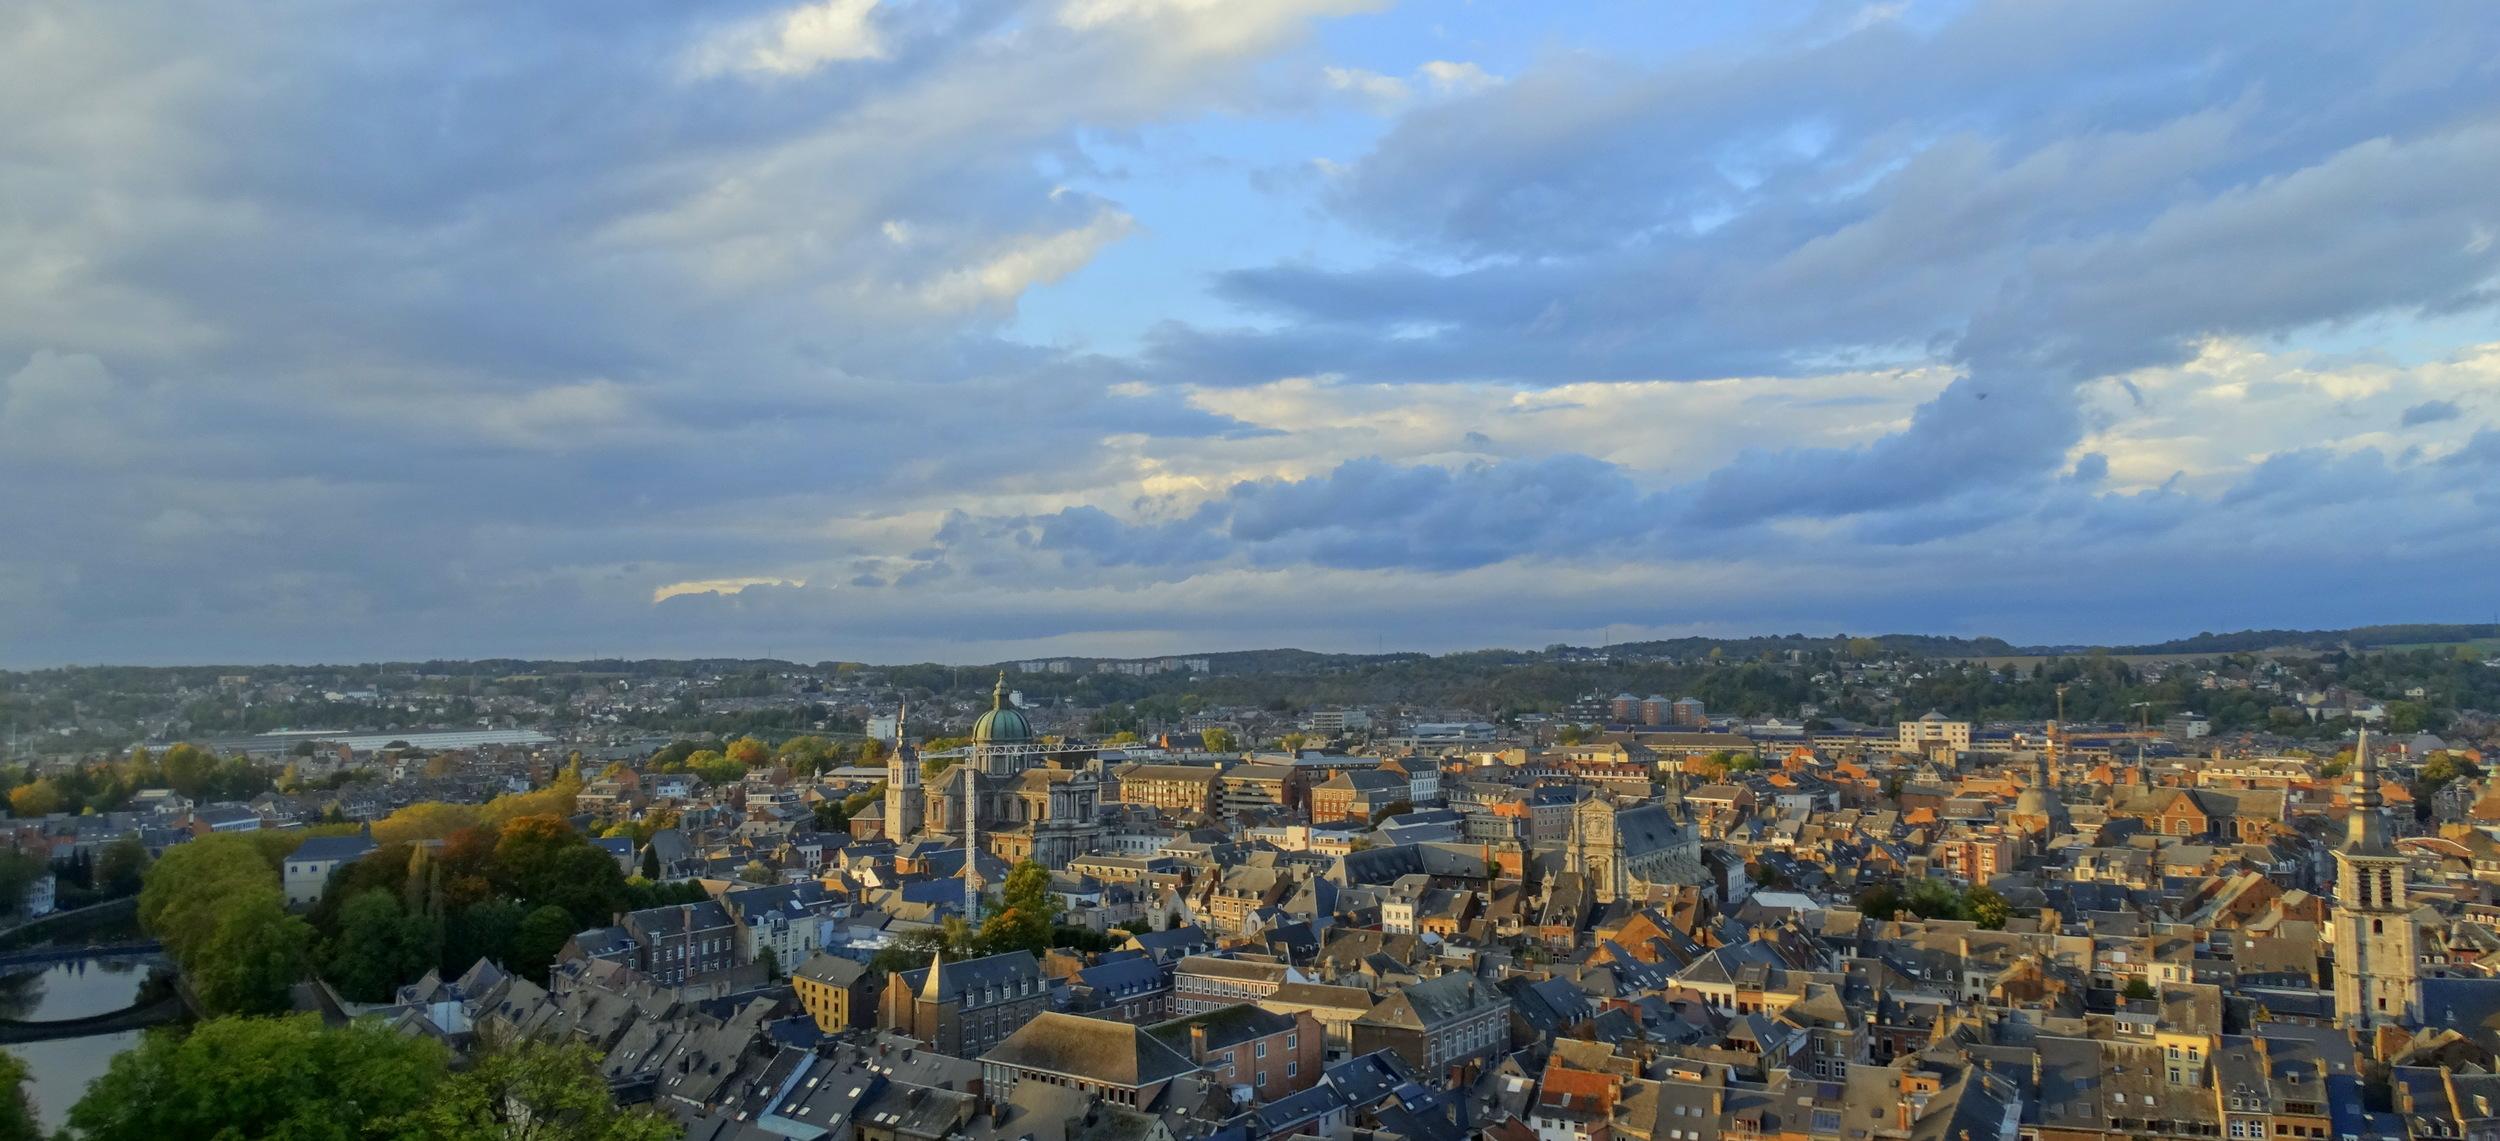 Namur glowing